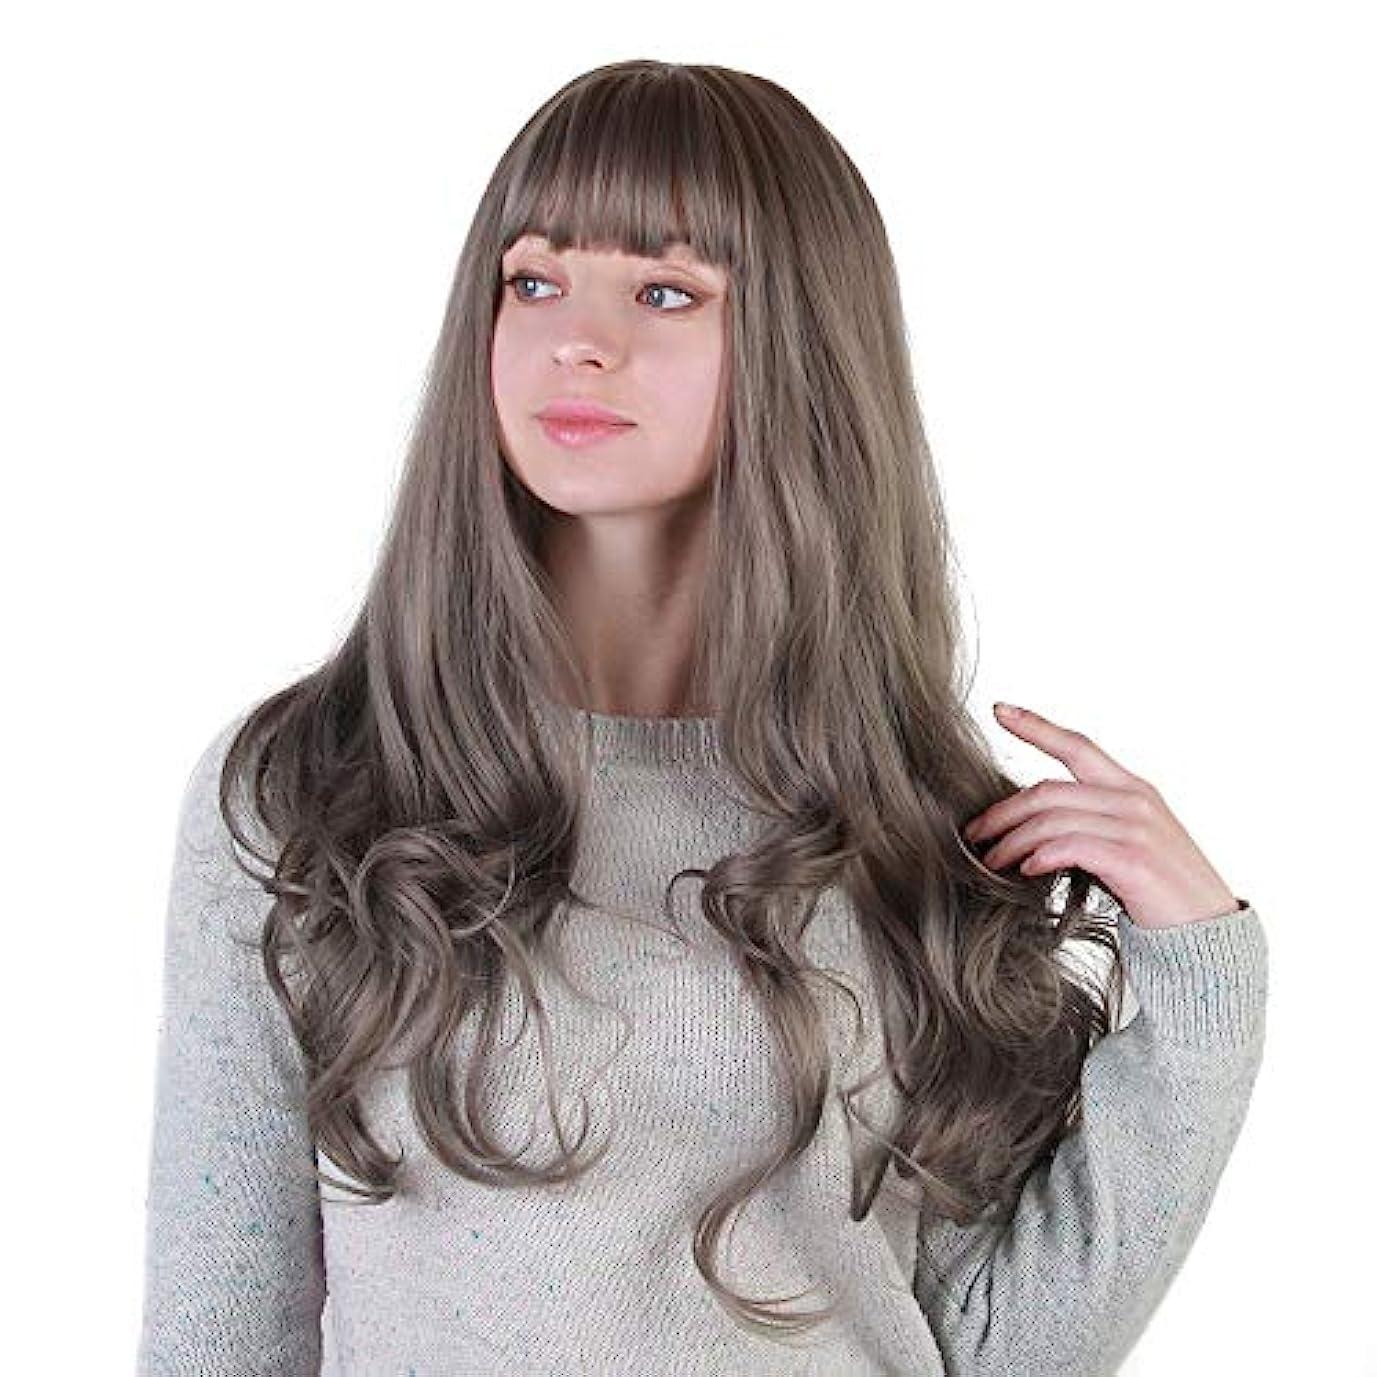 スラッシュ囲まれたひねくれたヘアピース ヨーロッパとアメリカの女性用ウィッグ、灰色の大きな波状の長い巻き毛、化学繊維ウィッグ